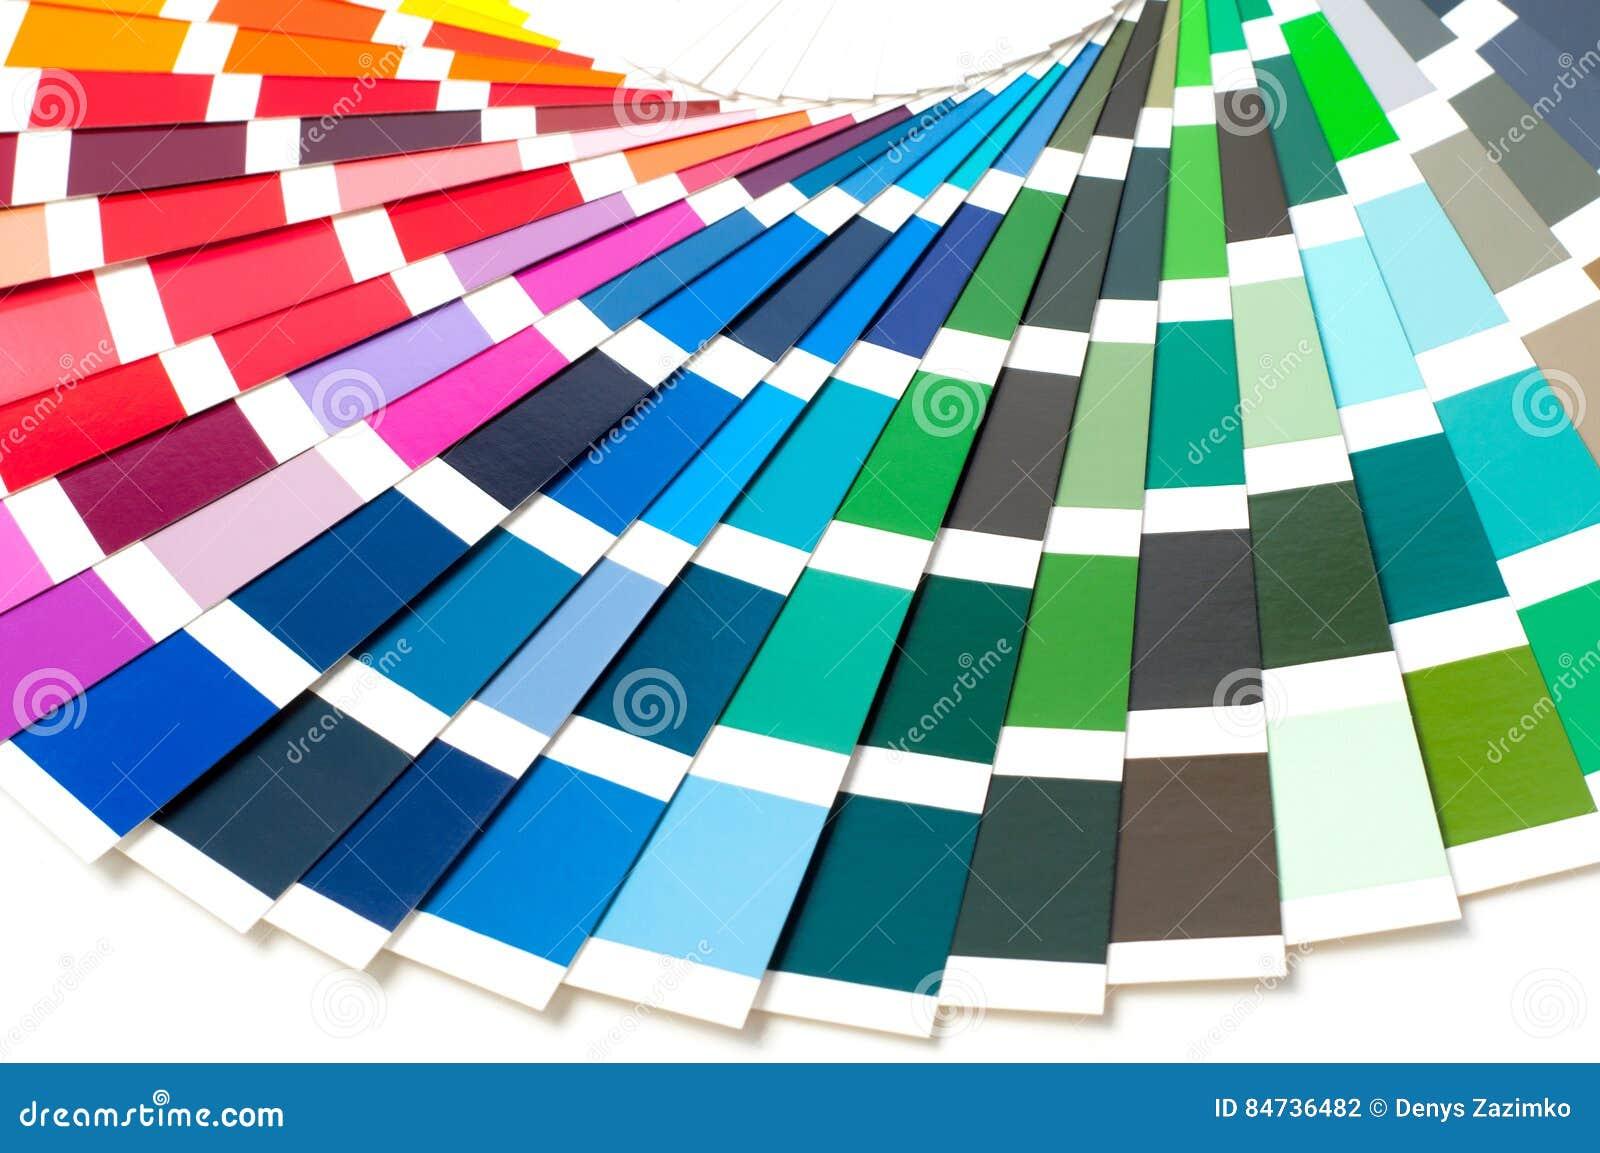 Paletas de colores pintura gallery of uuuuuu with paletas for Muestras de colores de pintura